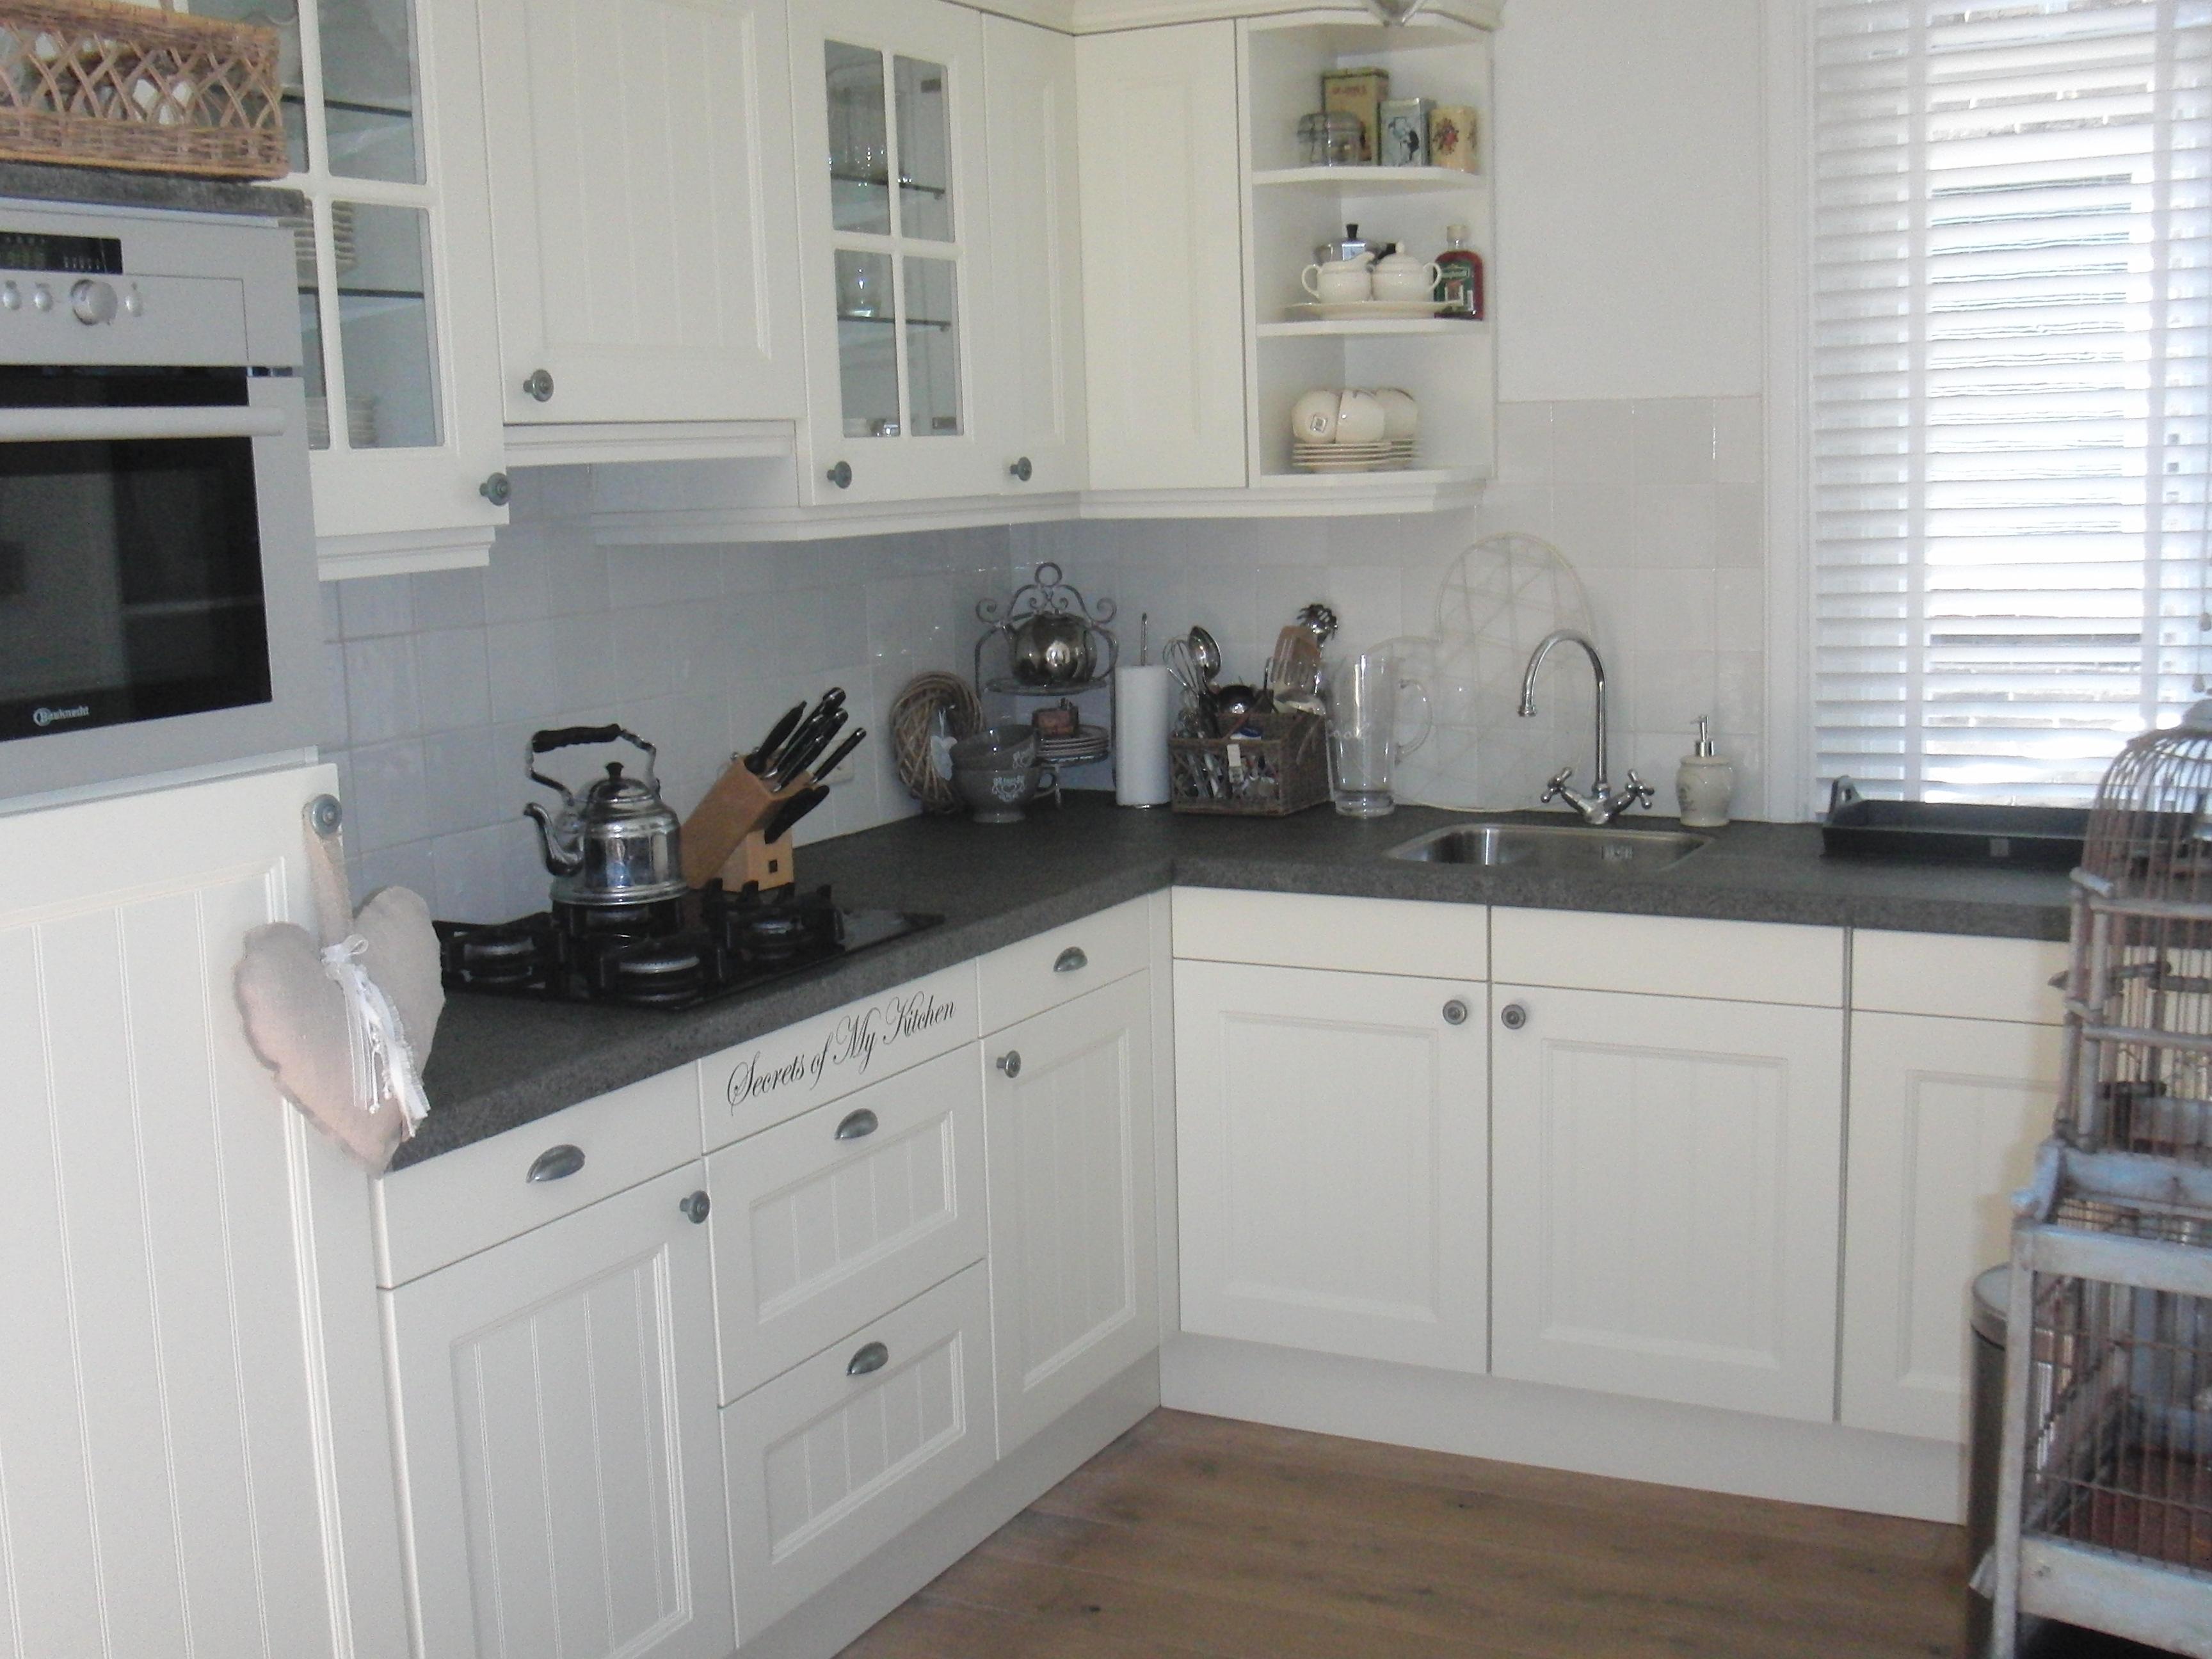 Keukens handelsonderneming r van der bas - Idee deco keuken ...